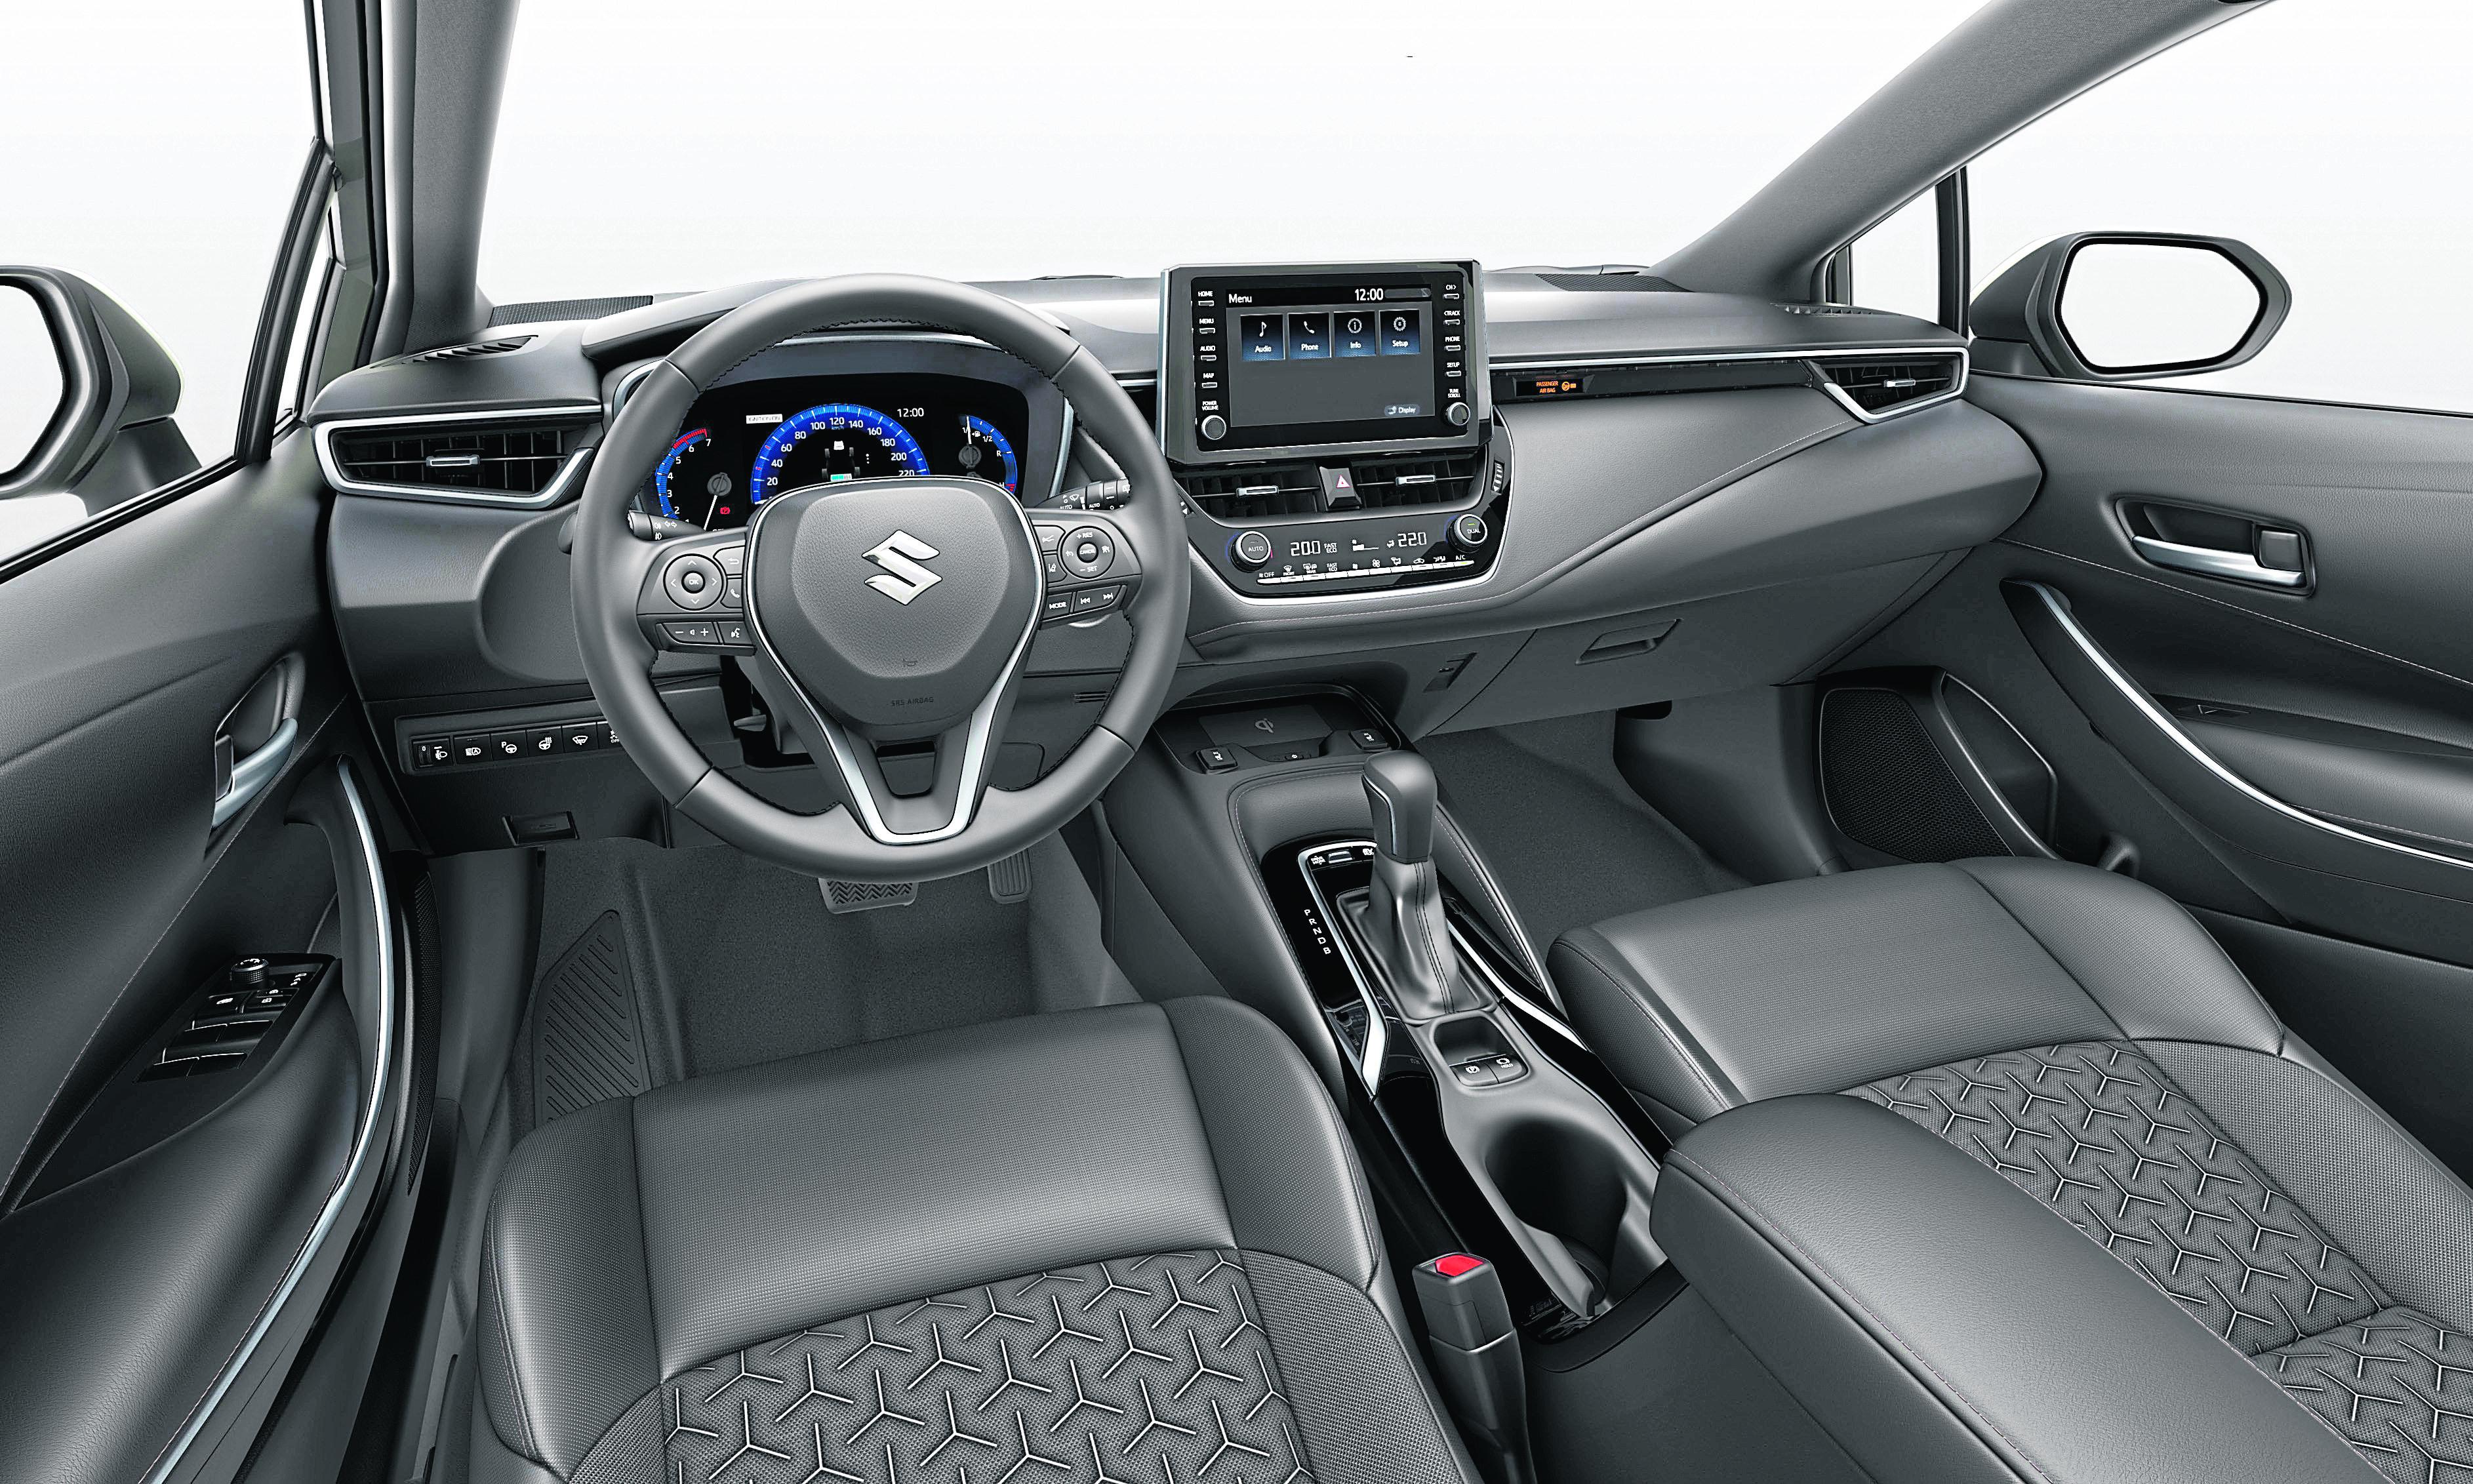 Übersichtlich und bedienerfreundlich: das Cockpit des Suzuki Swace.